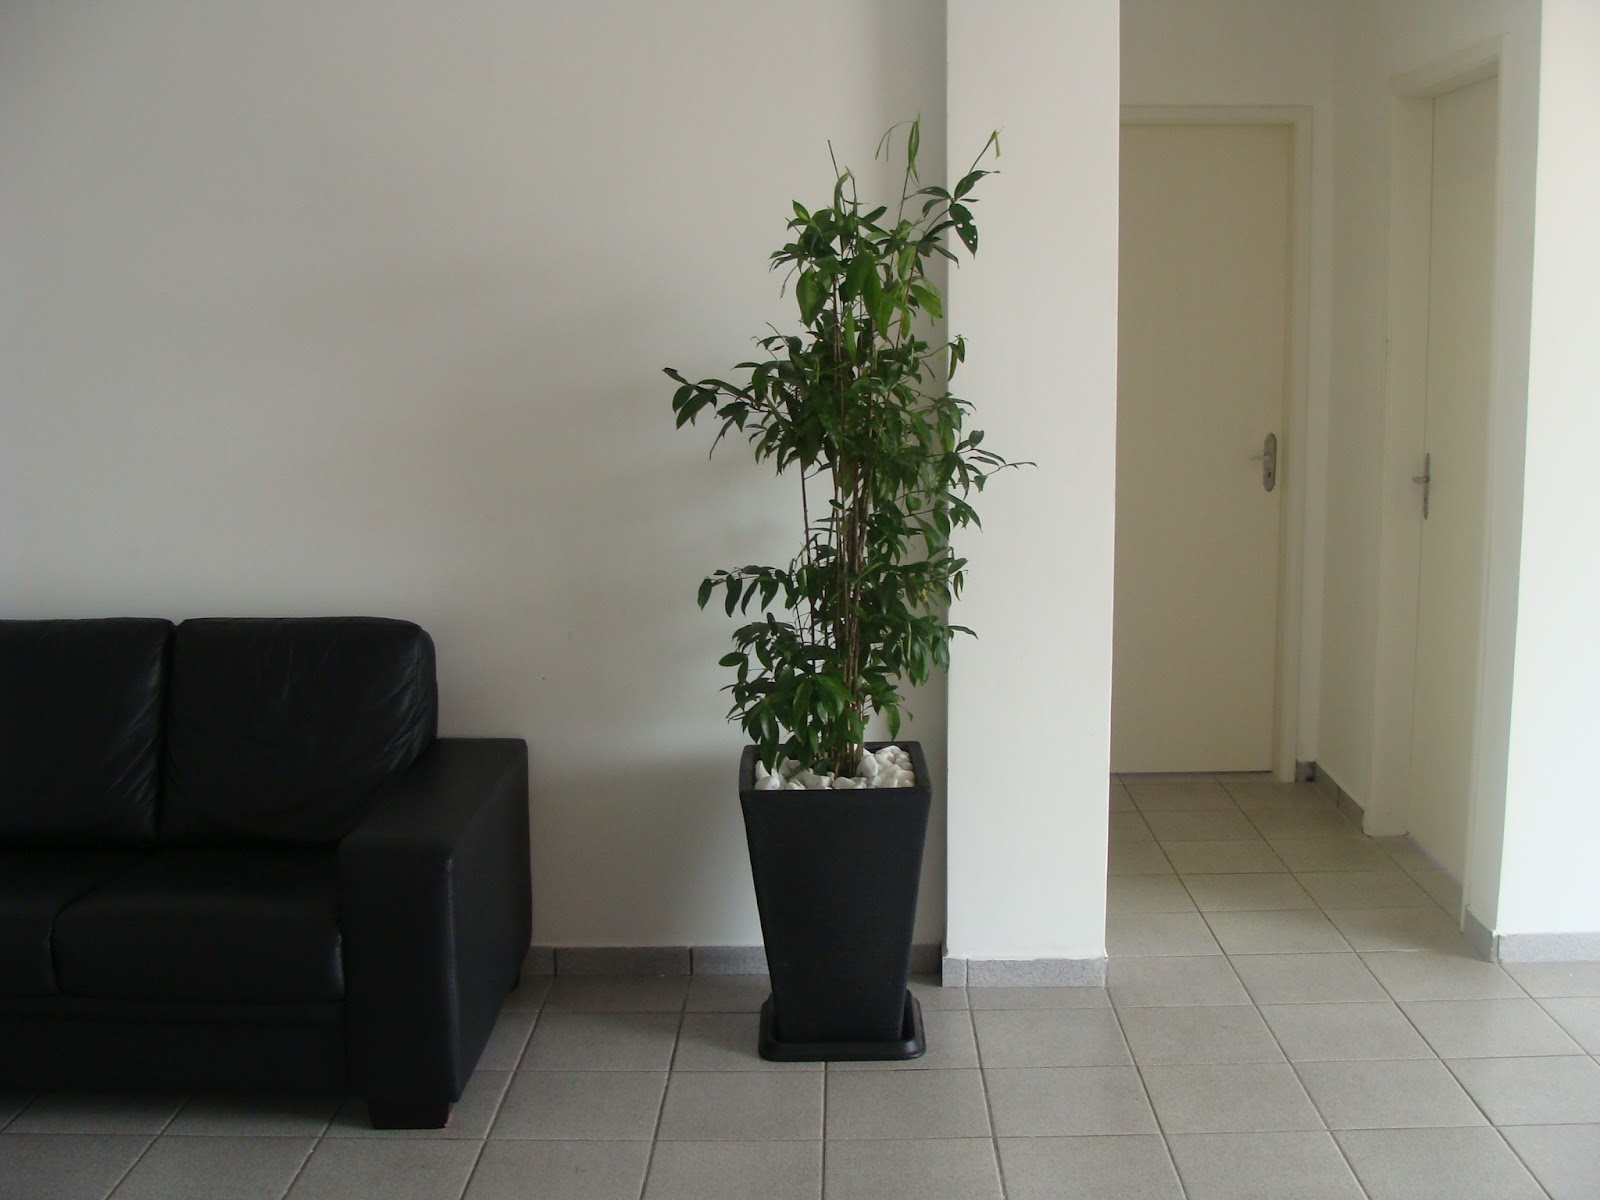 Arbusto de textura semiherbácea, de folhagem ornamental, ramificado